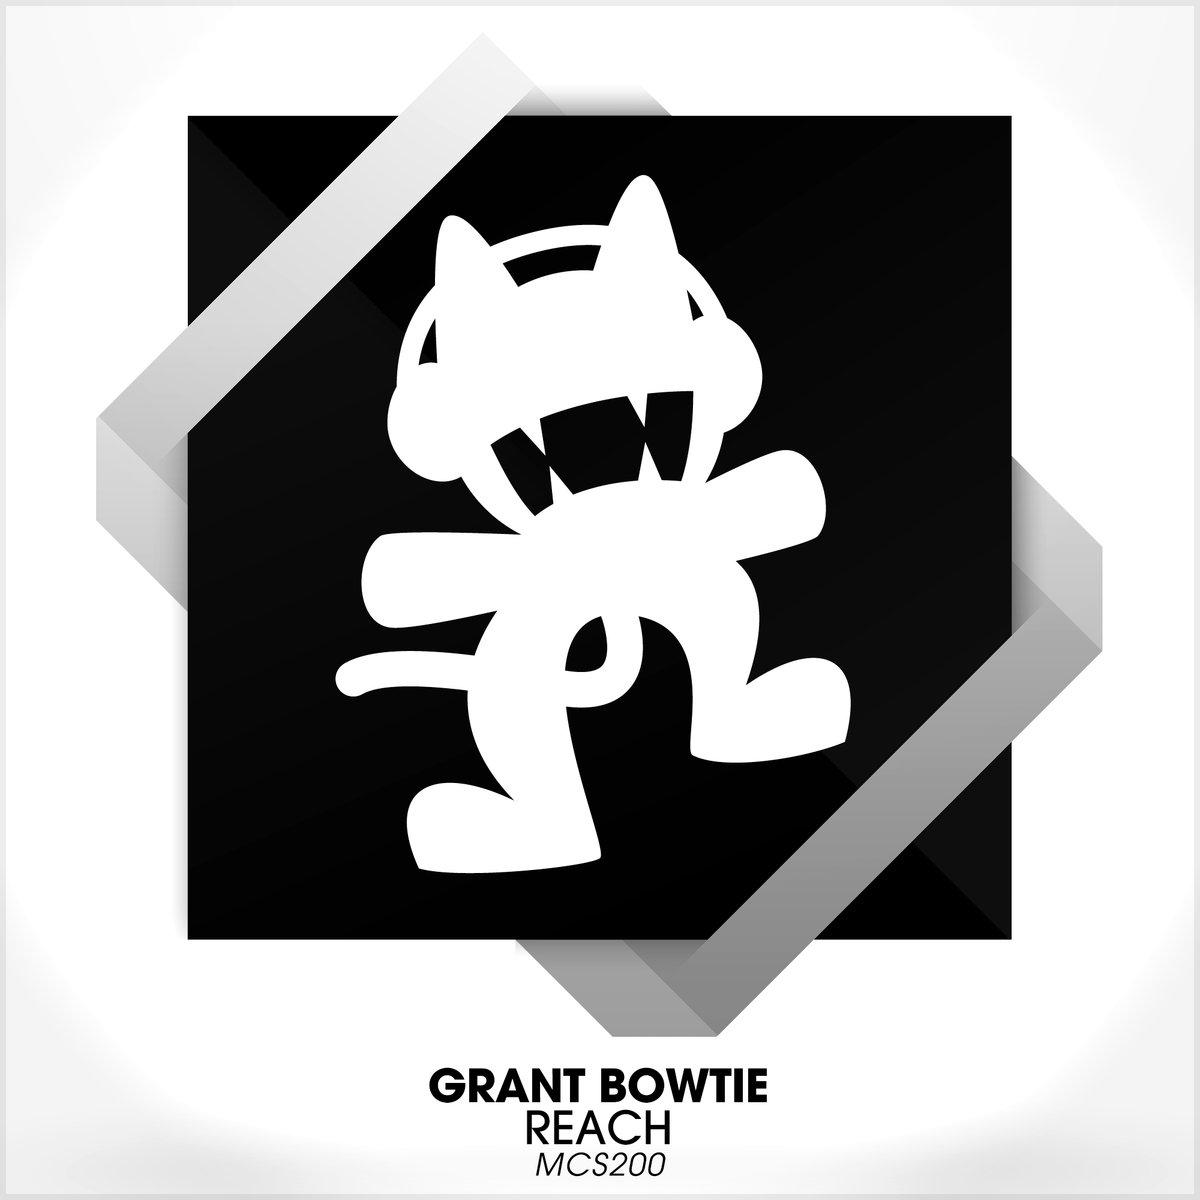 Reach (Grant Bowtie)